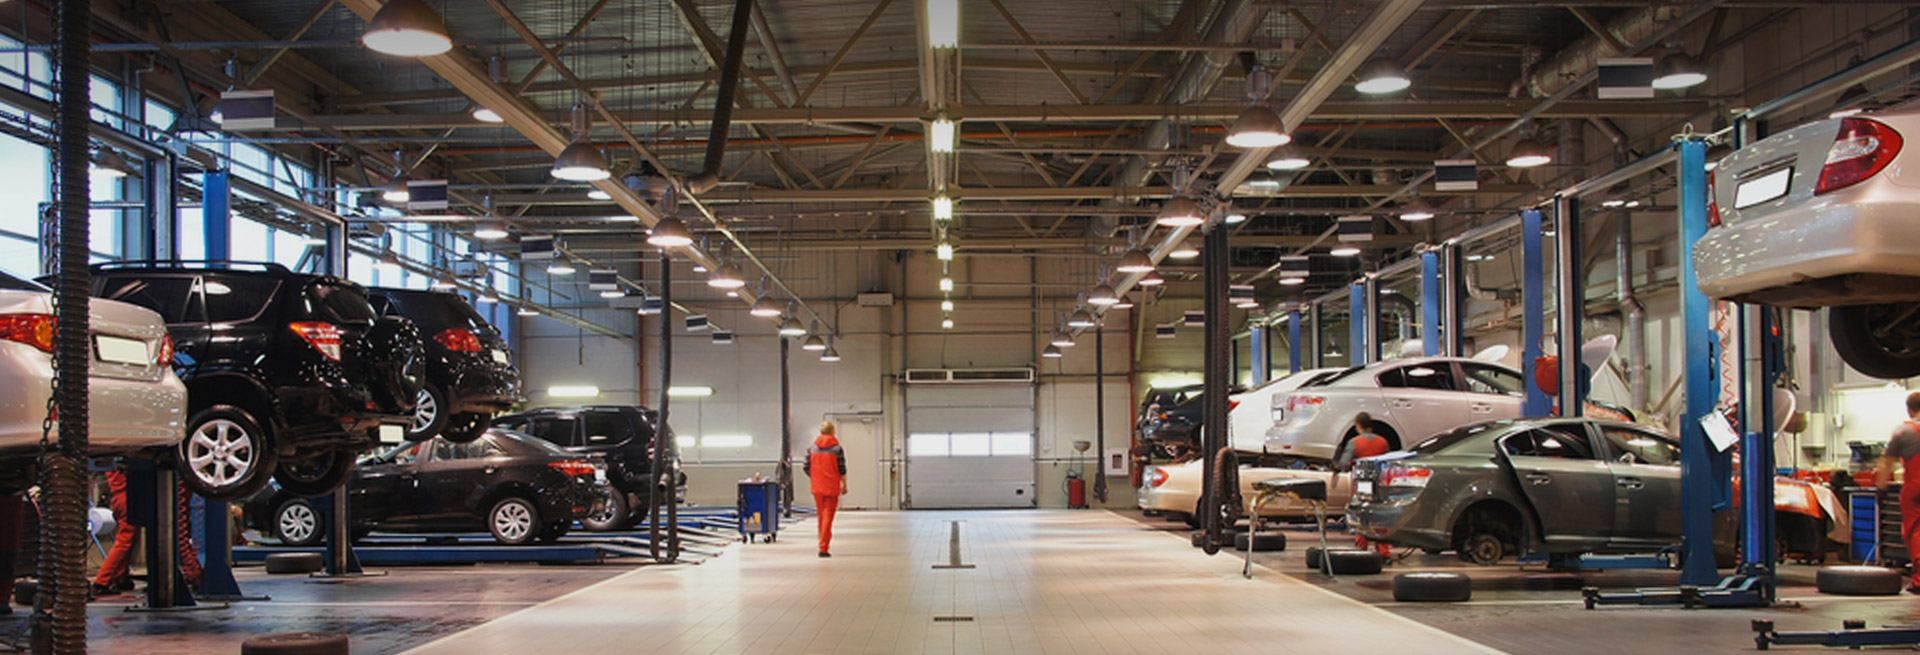 汽車服務,為您搜羅全港優質汽車維修及美容公司